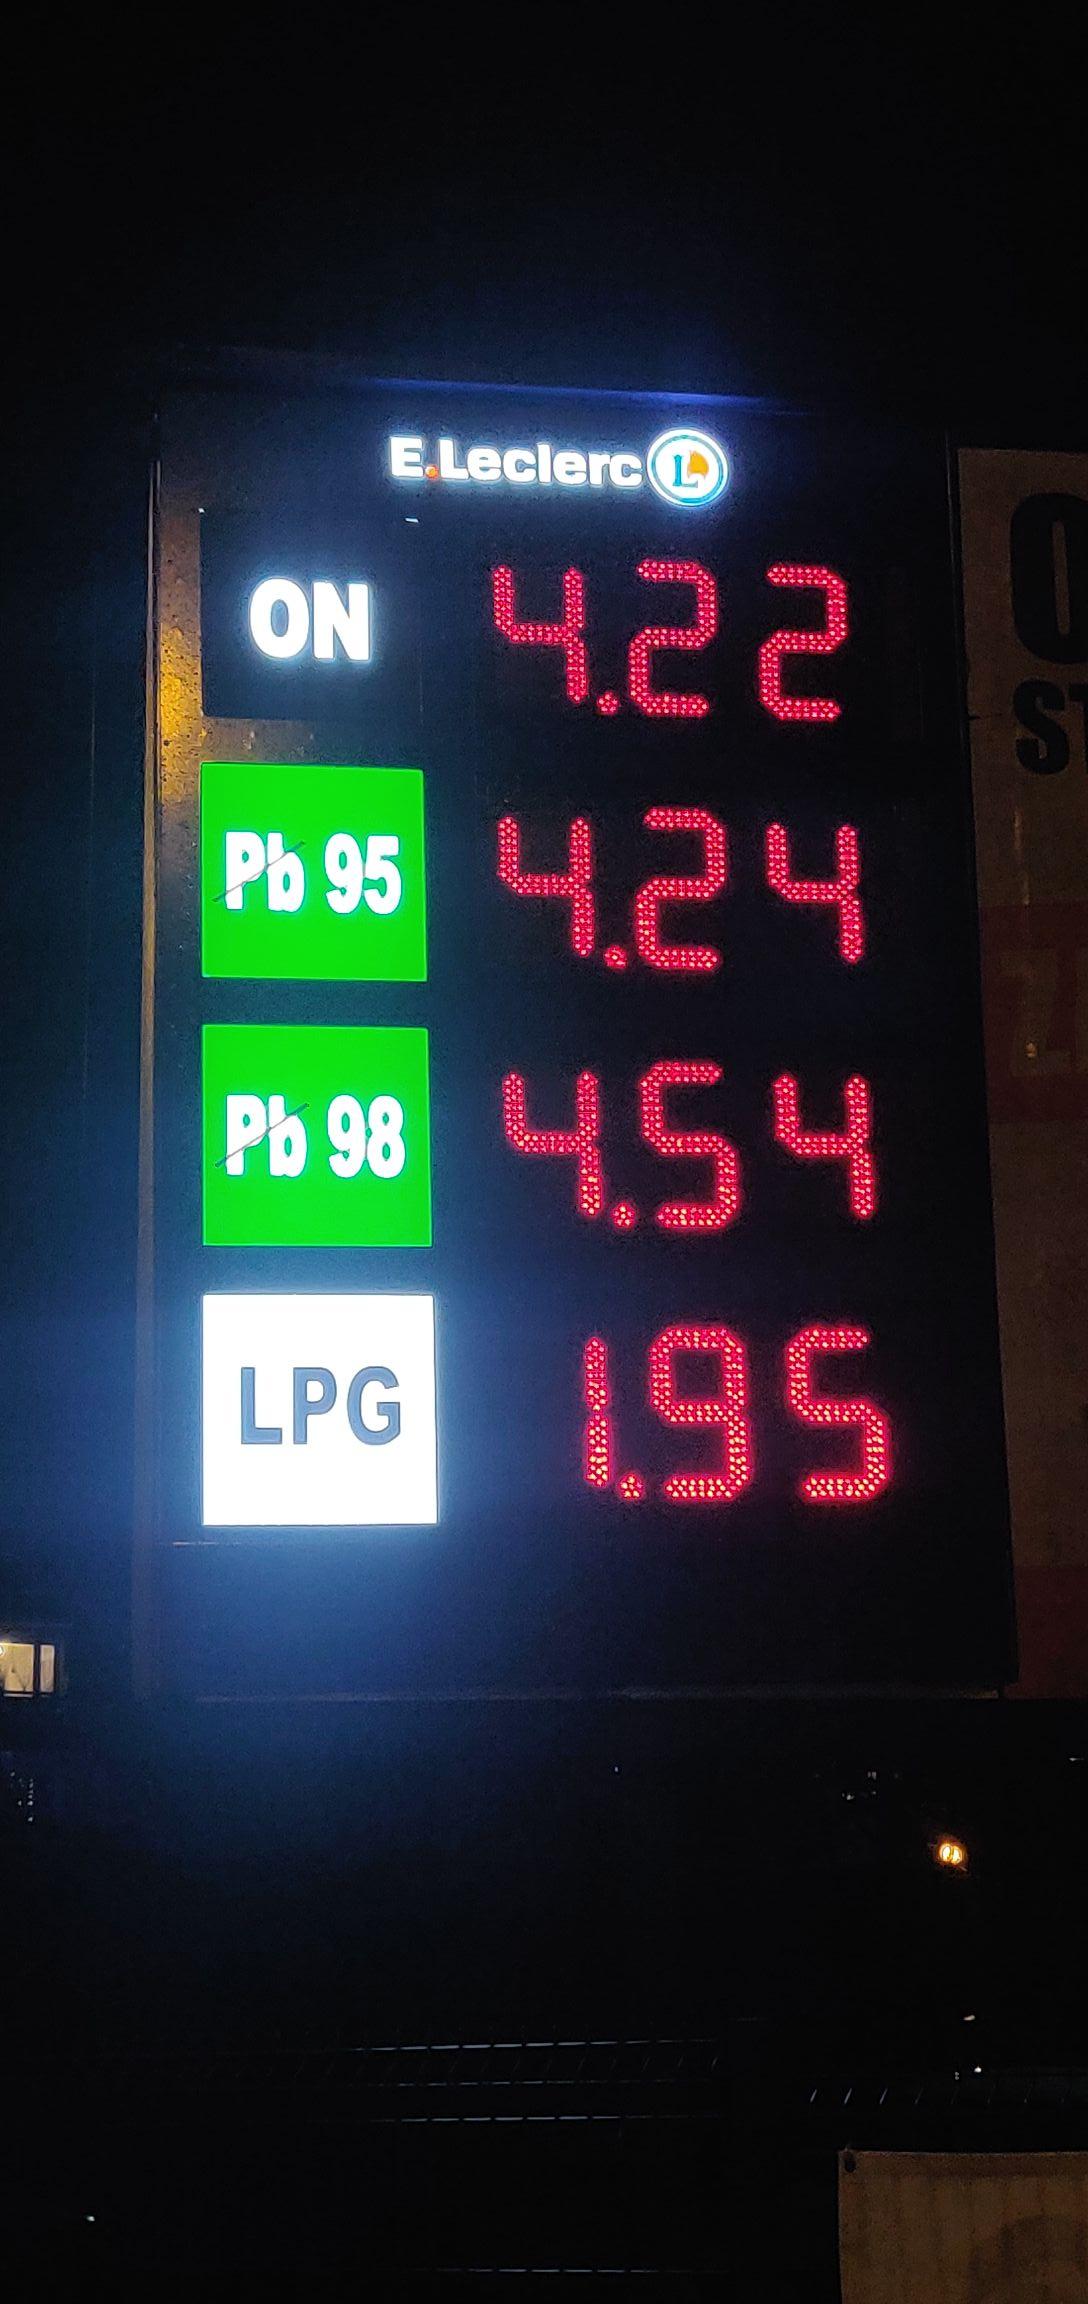 Nowa stacja paliw Tychy Leclerc ON 4,22zł Pb95 4,24zł LPG 1,95 zł Z kartą Bonus Leclerc 10gr/l taniej!!!